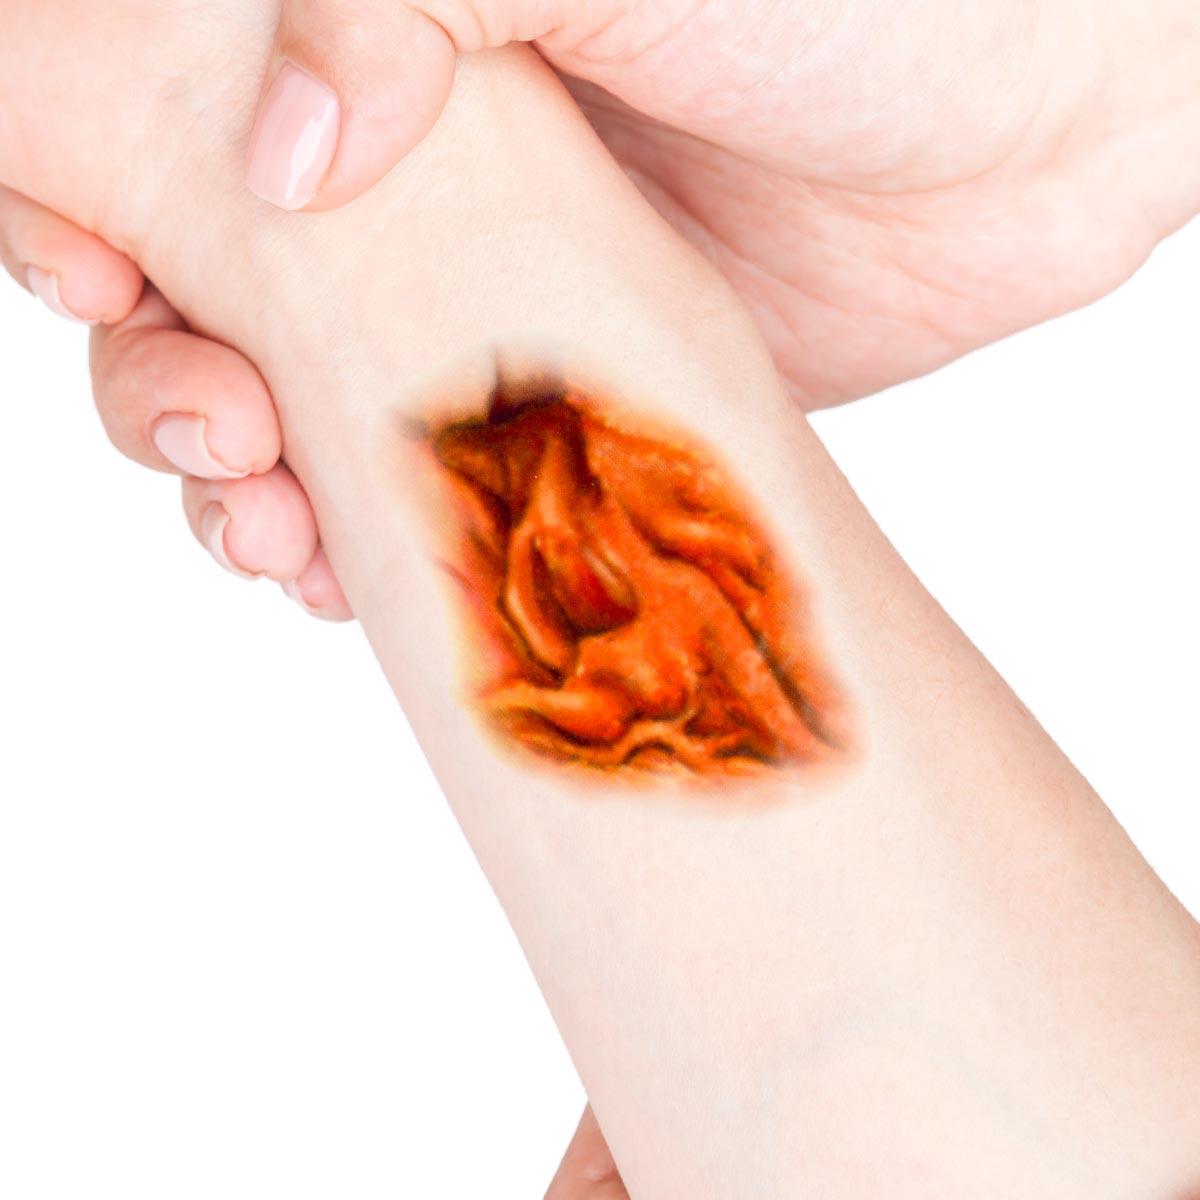 Tatuering sår, skrovligt